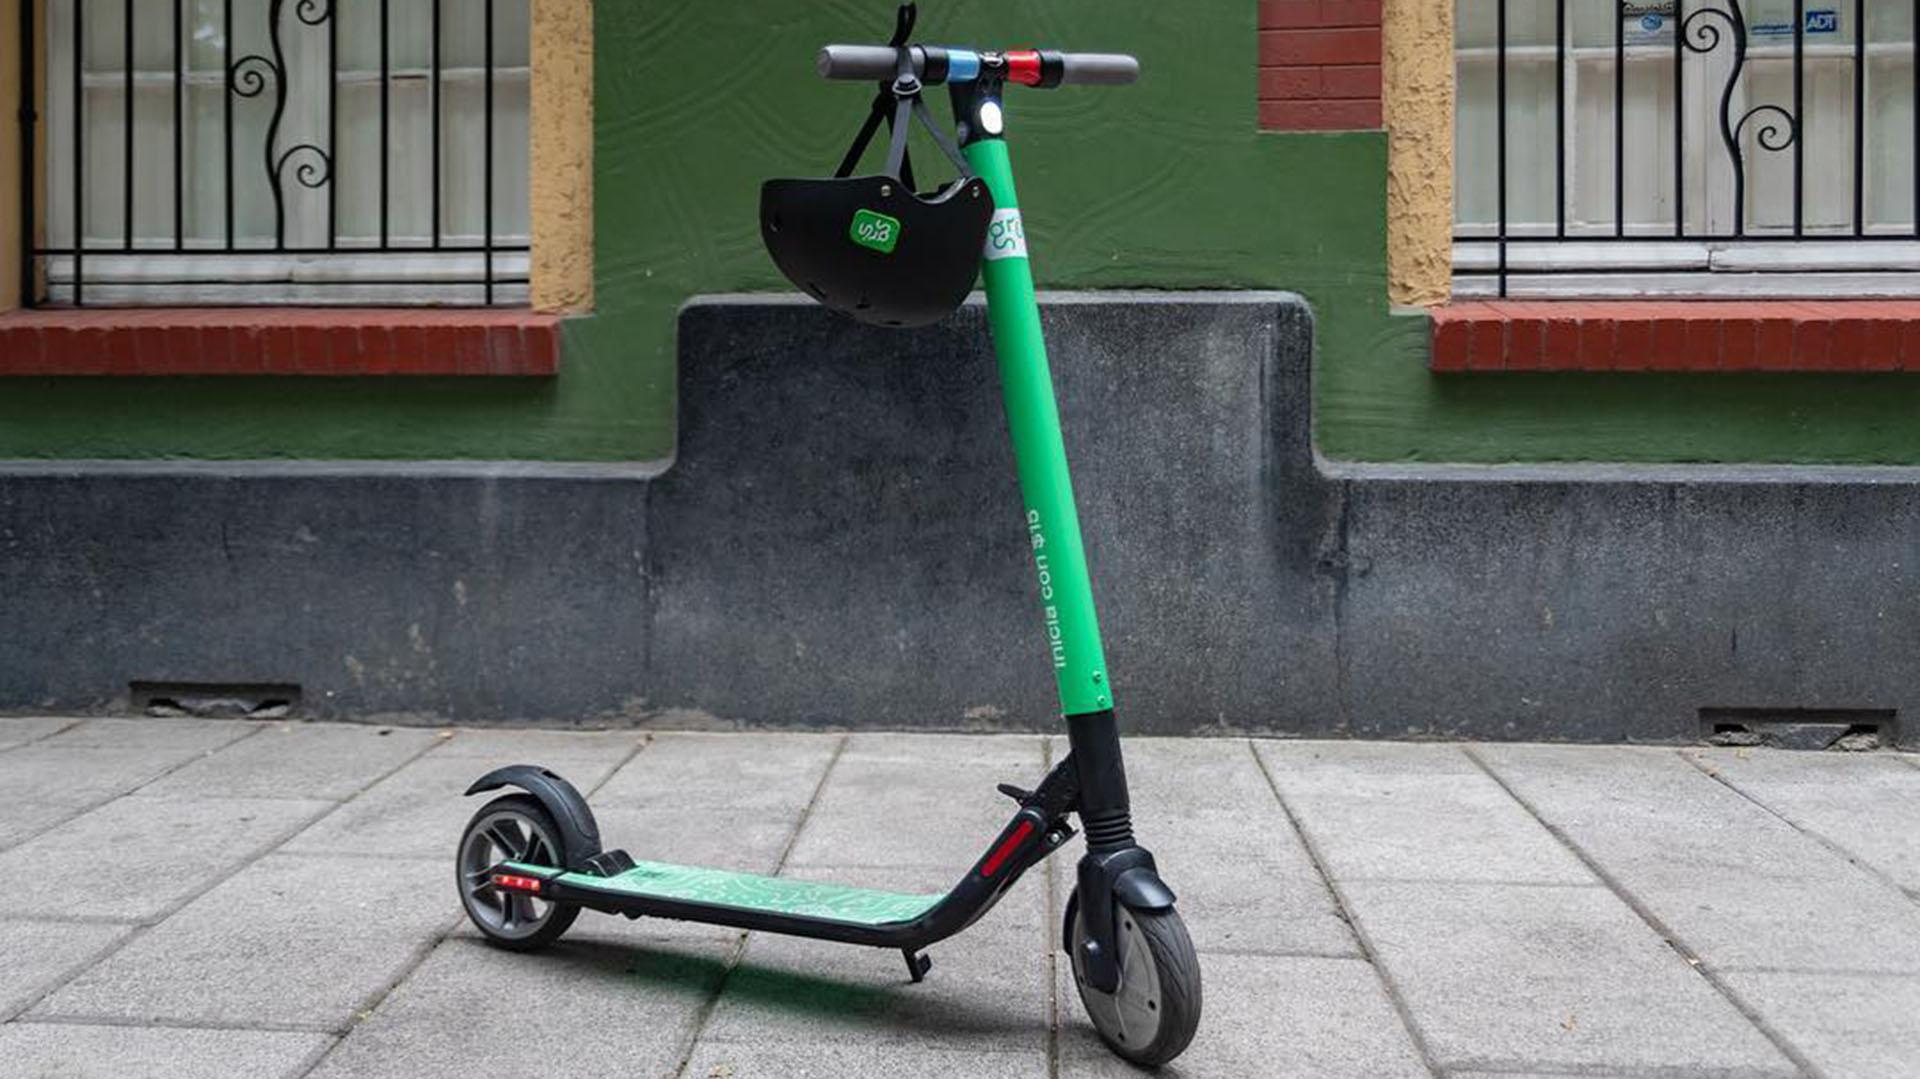 Un monopatín electrico de los que ya se ven circular por la ciudad de Buenos Aires (@grinscooters)